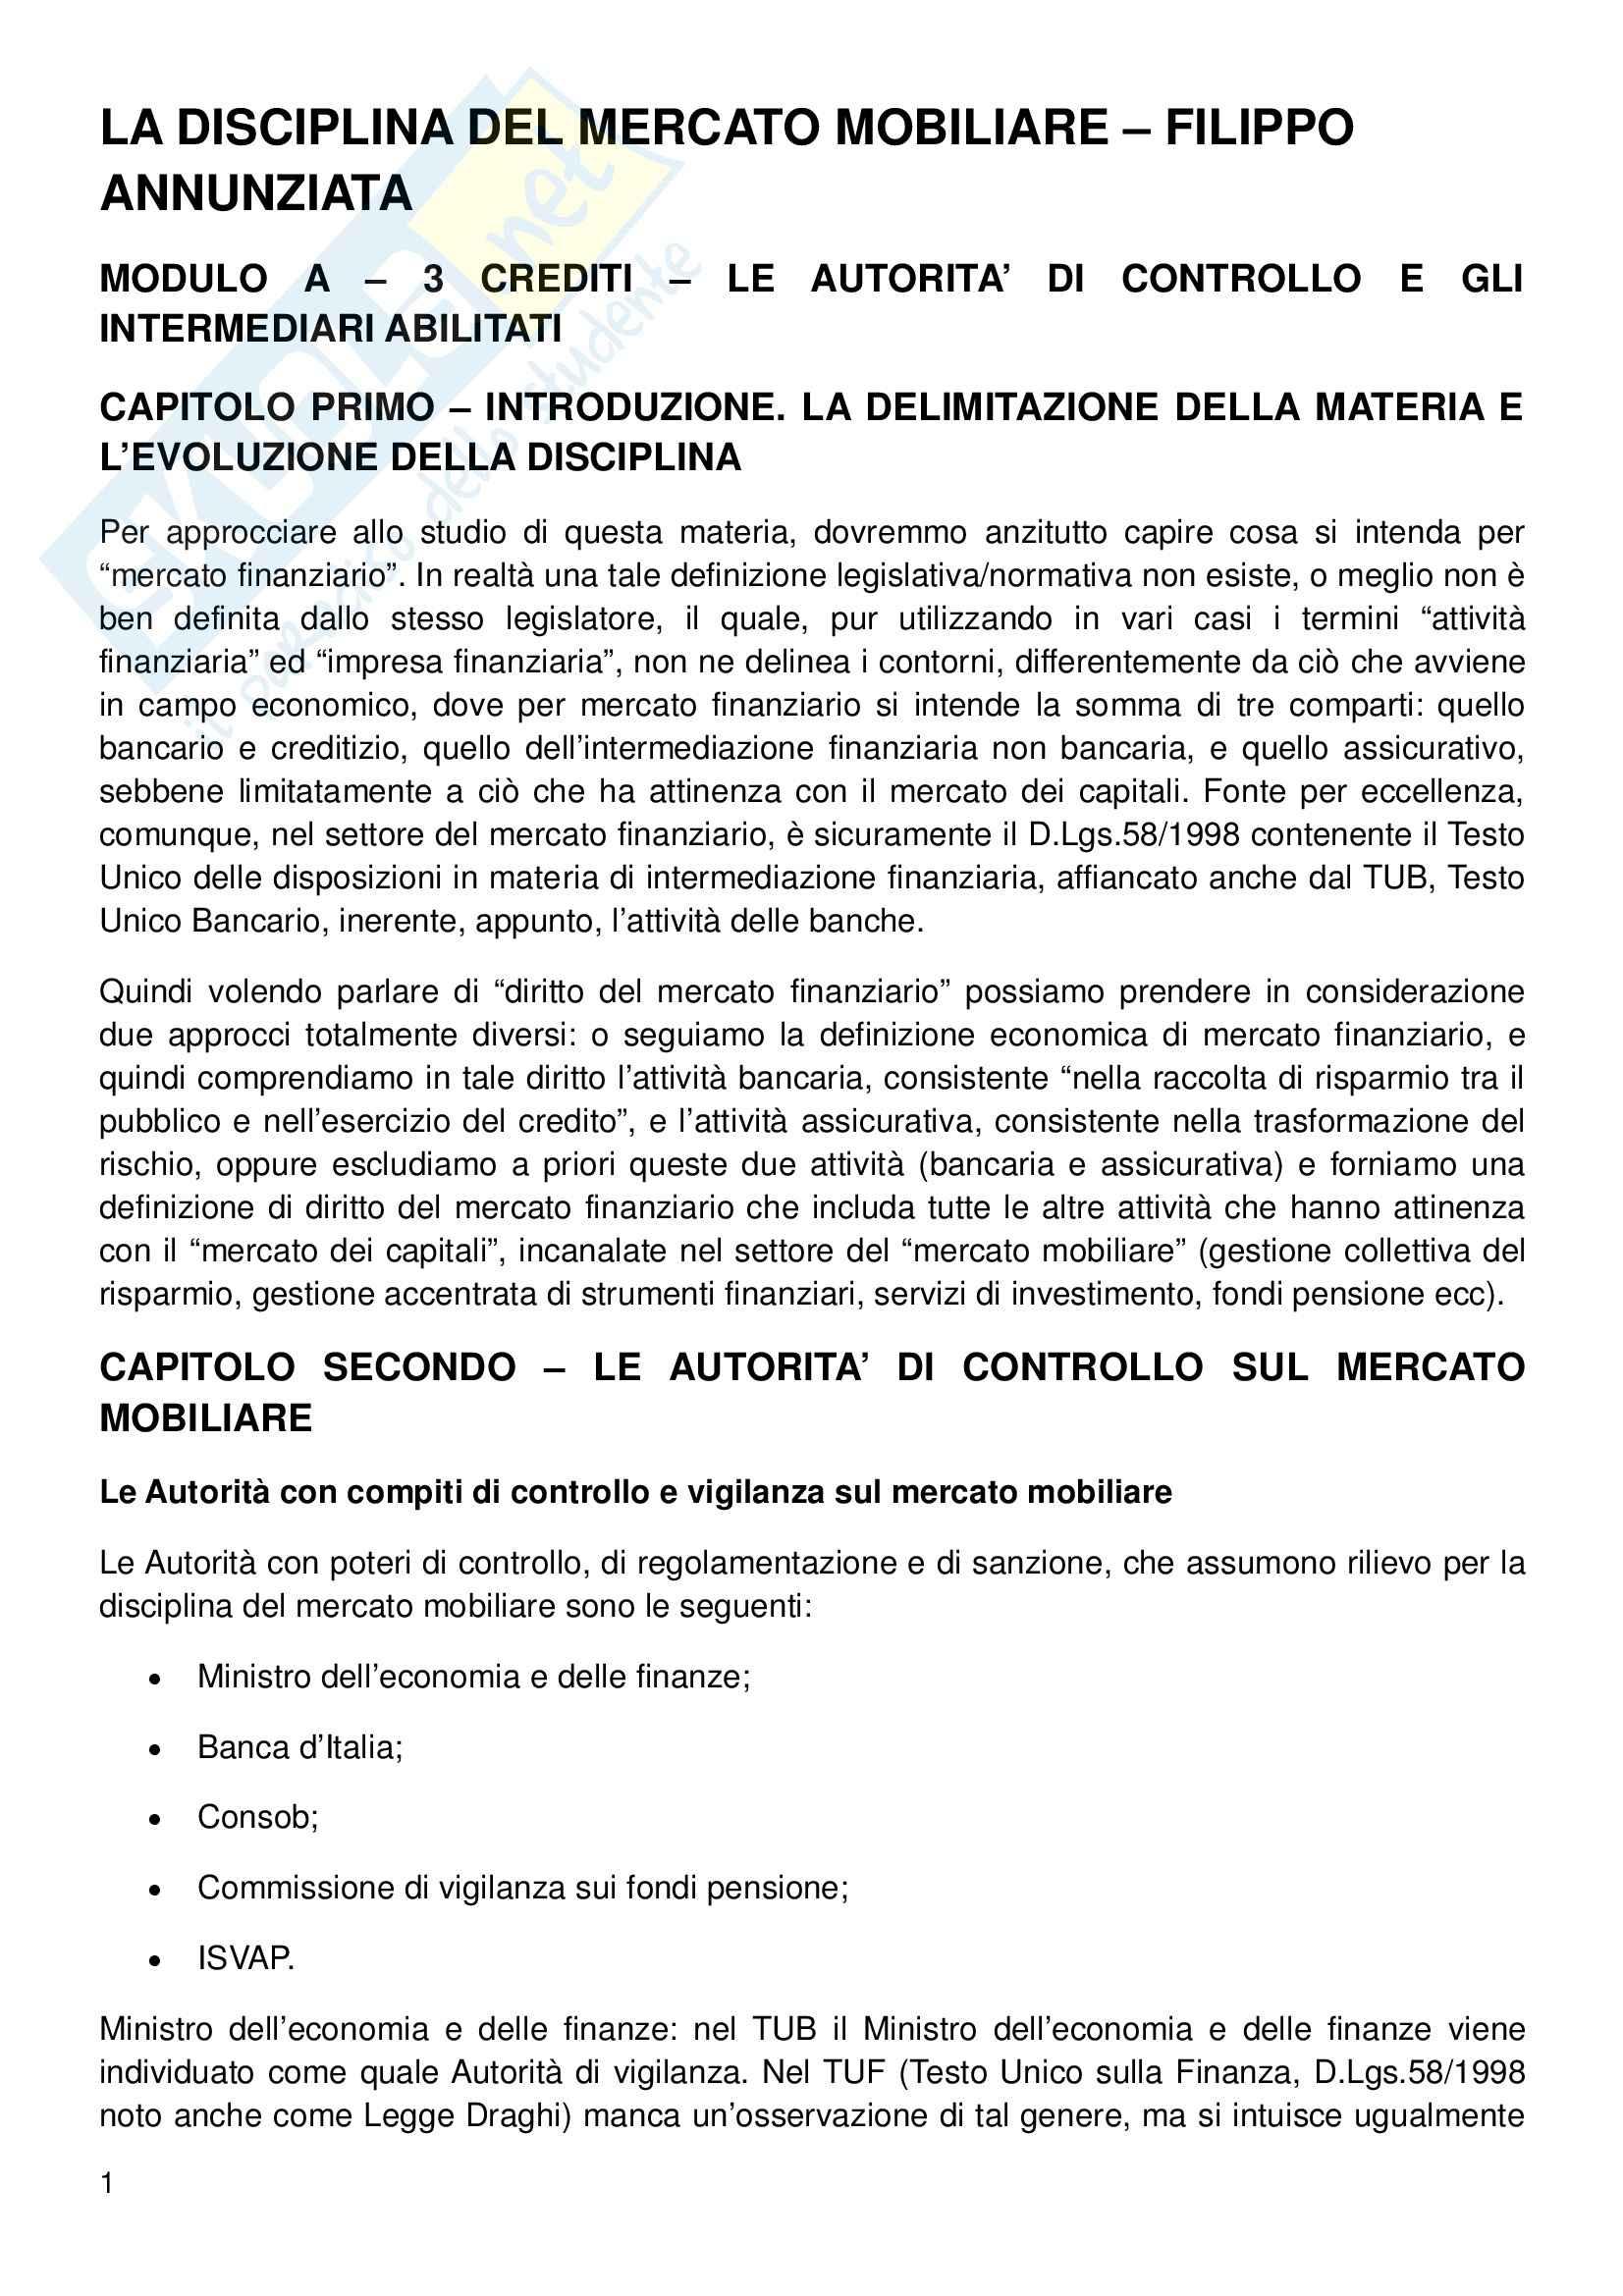 Diritto del mercato finanziario - Appunti